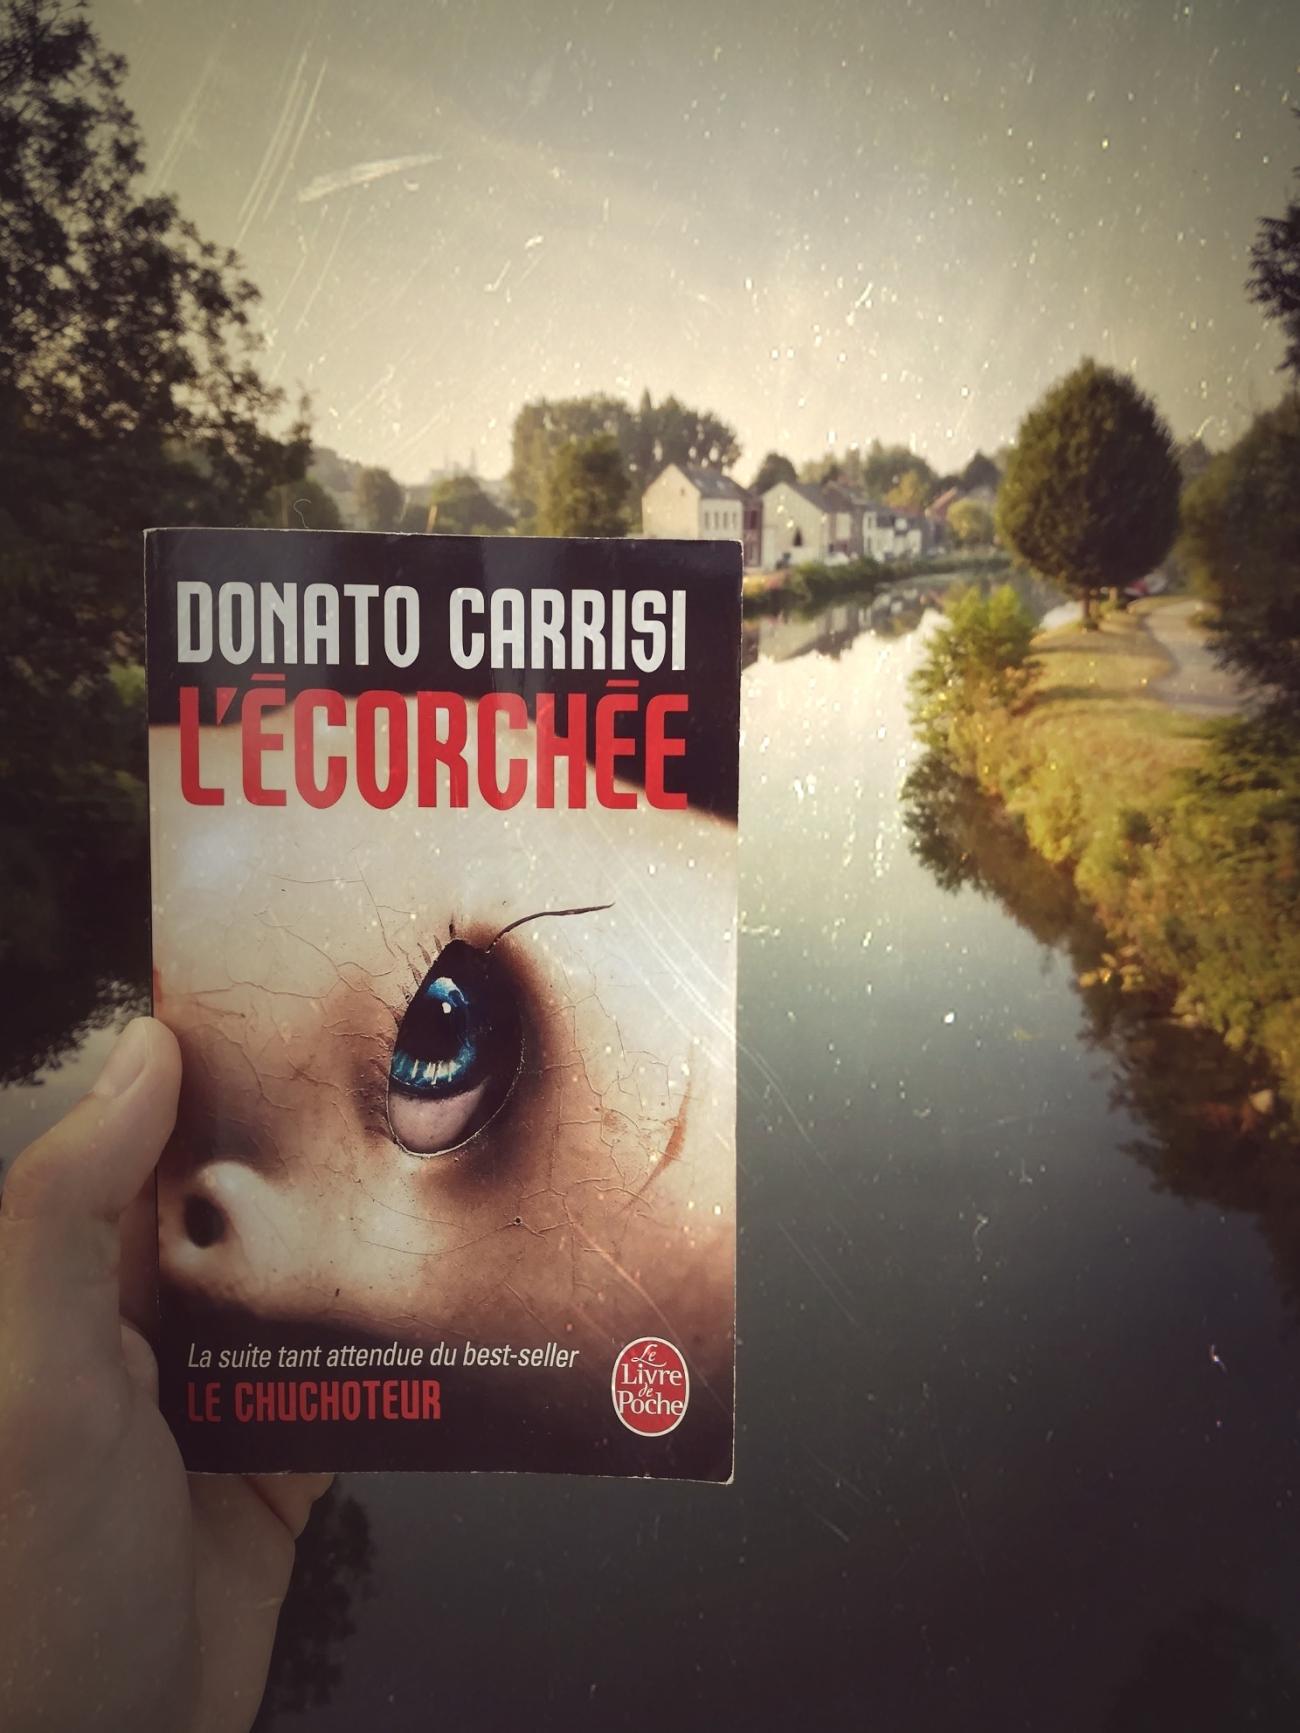 tomabooks-ecorchee-donato-carrisi